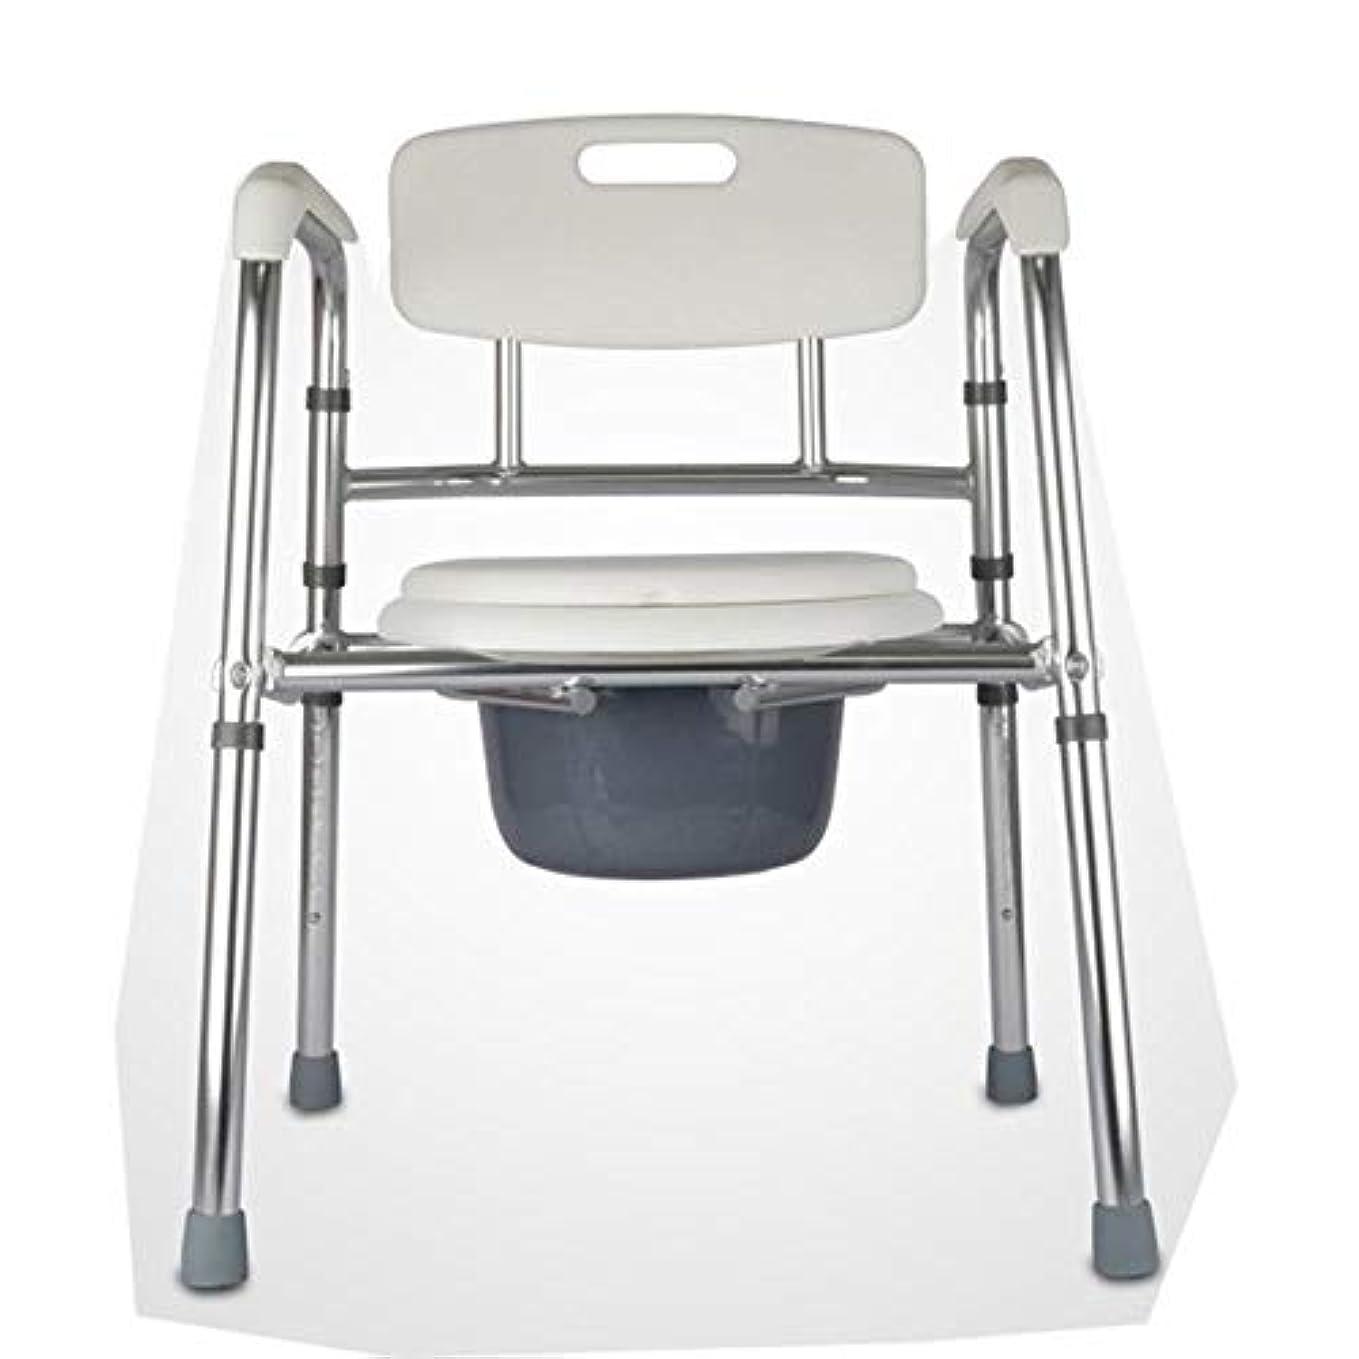 壊れたたまに校長折りたたみ式mode椅子とトイレサラウンド、軽量、丈夫、シンプル、高齢者、障害者、祖父母向けのバスルームサポート